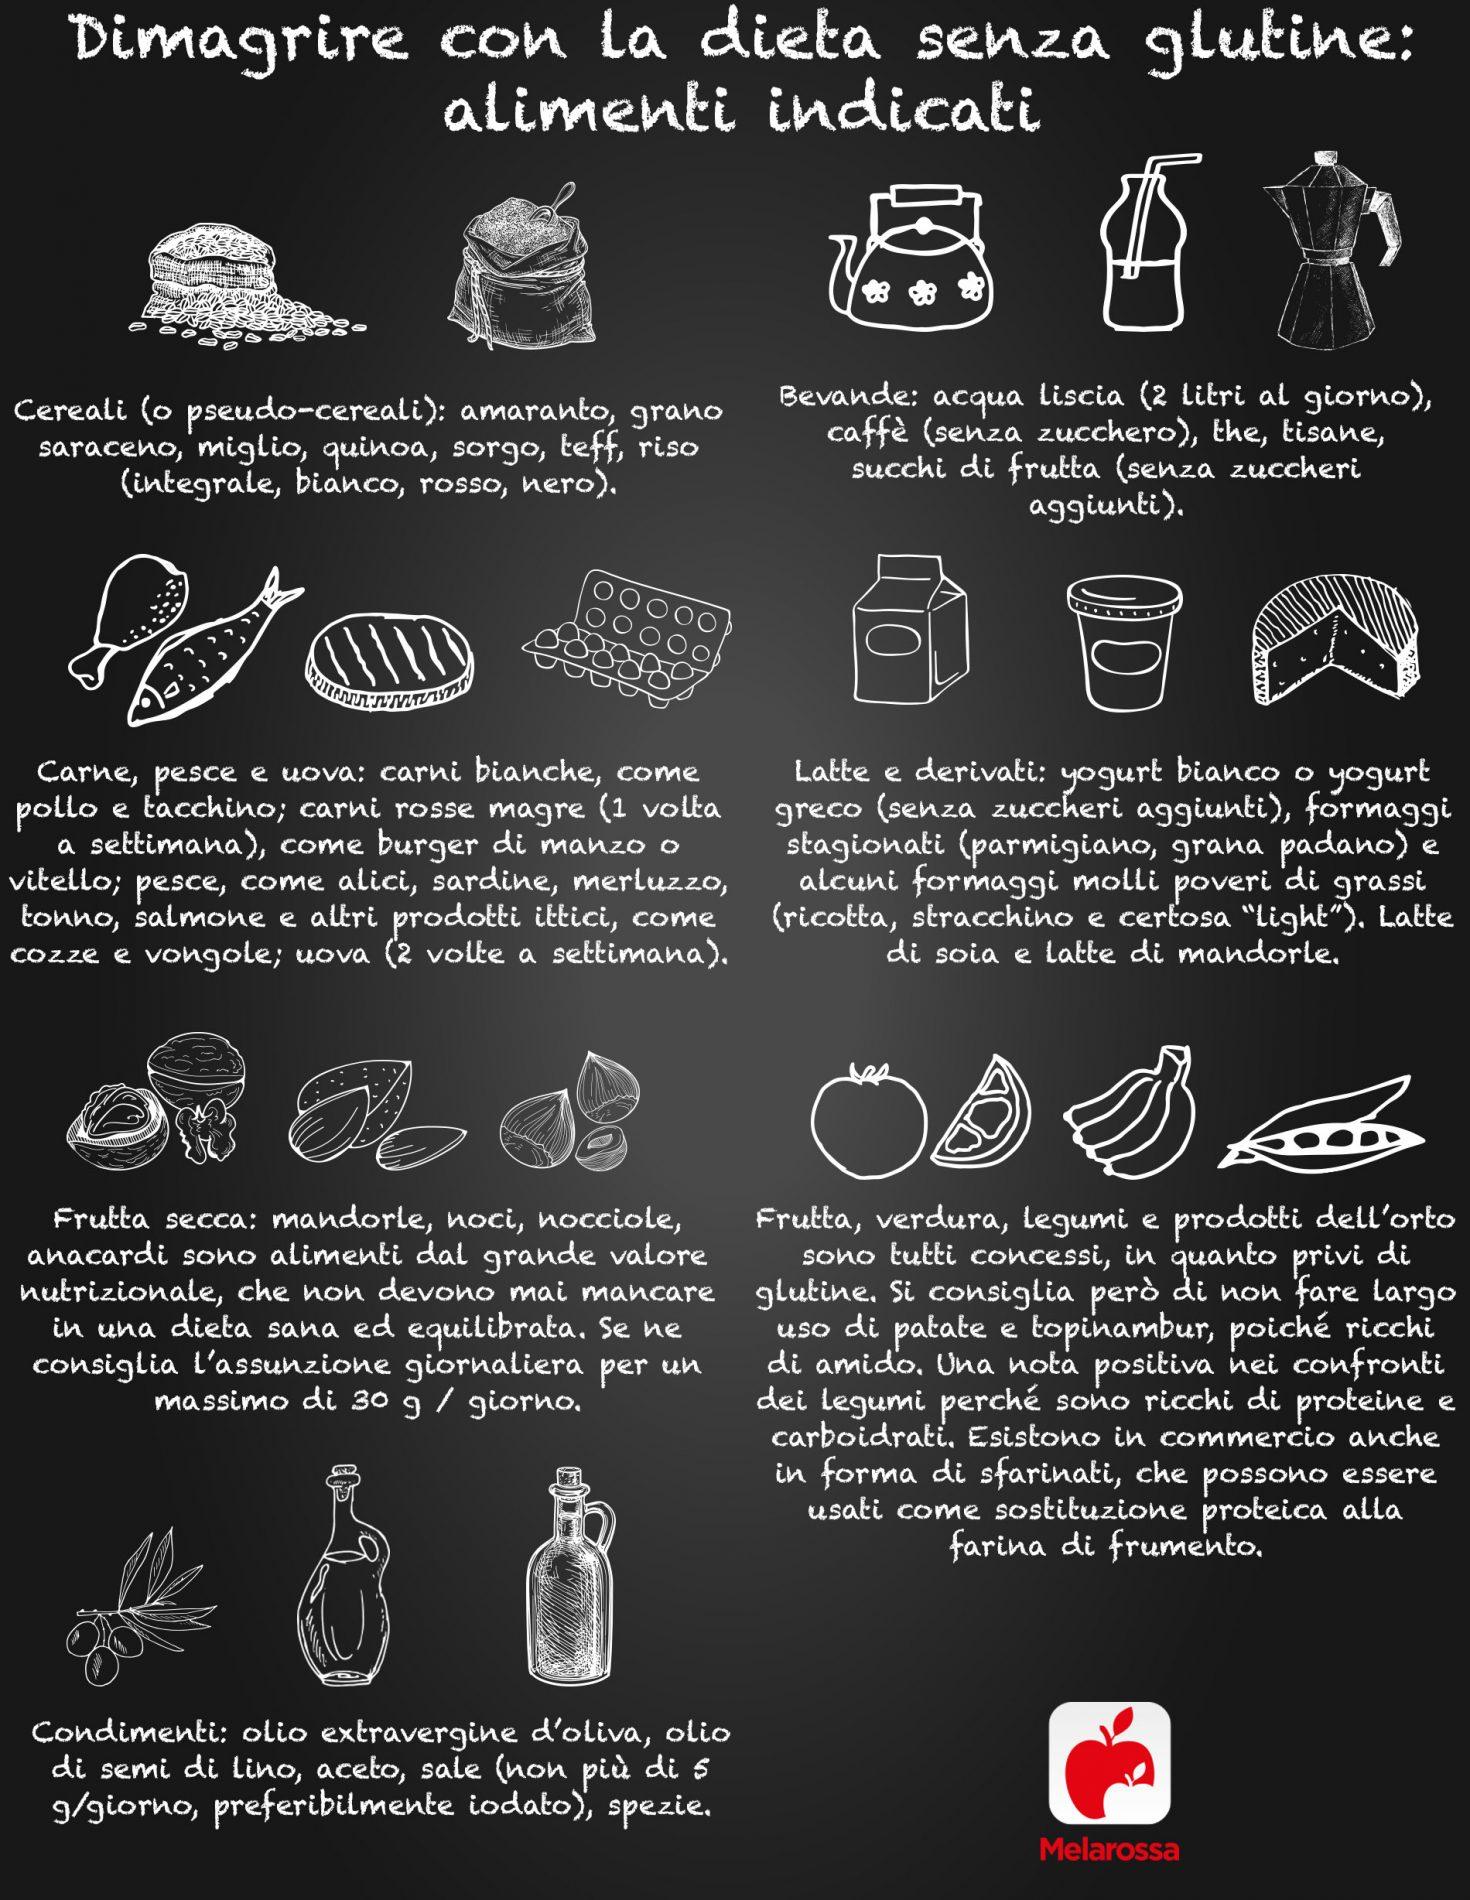 dimagrire con le dieta senza glutine: alimenti consigliati